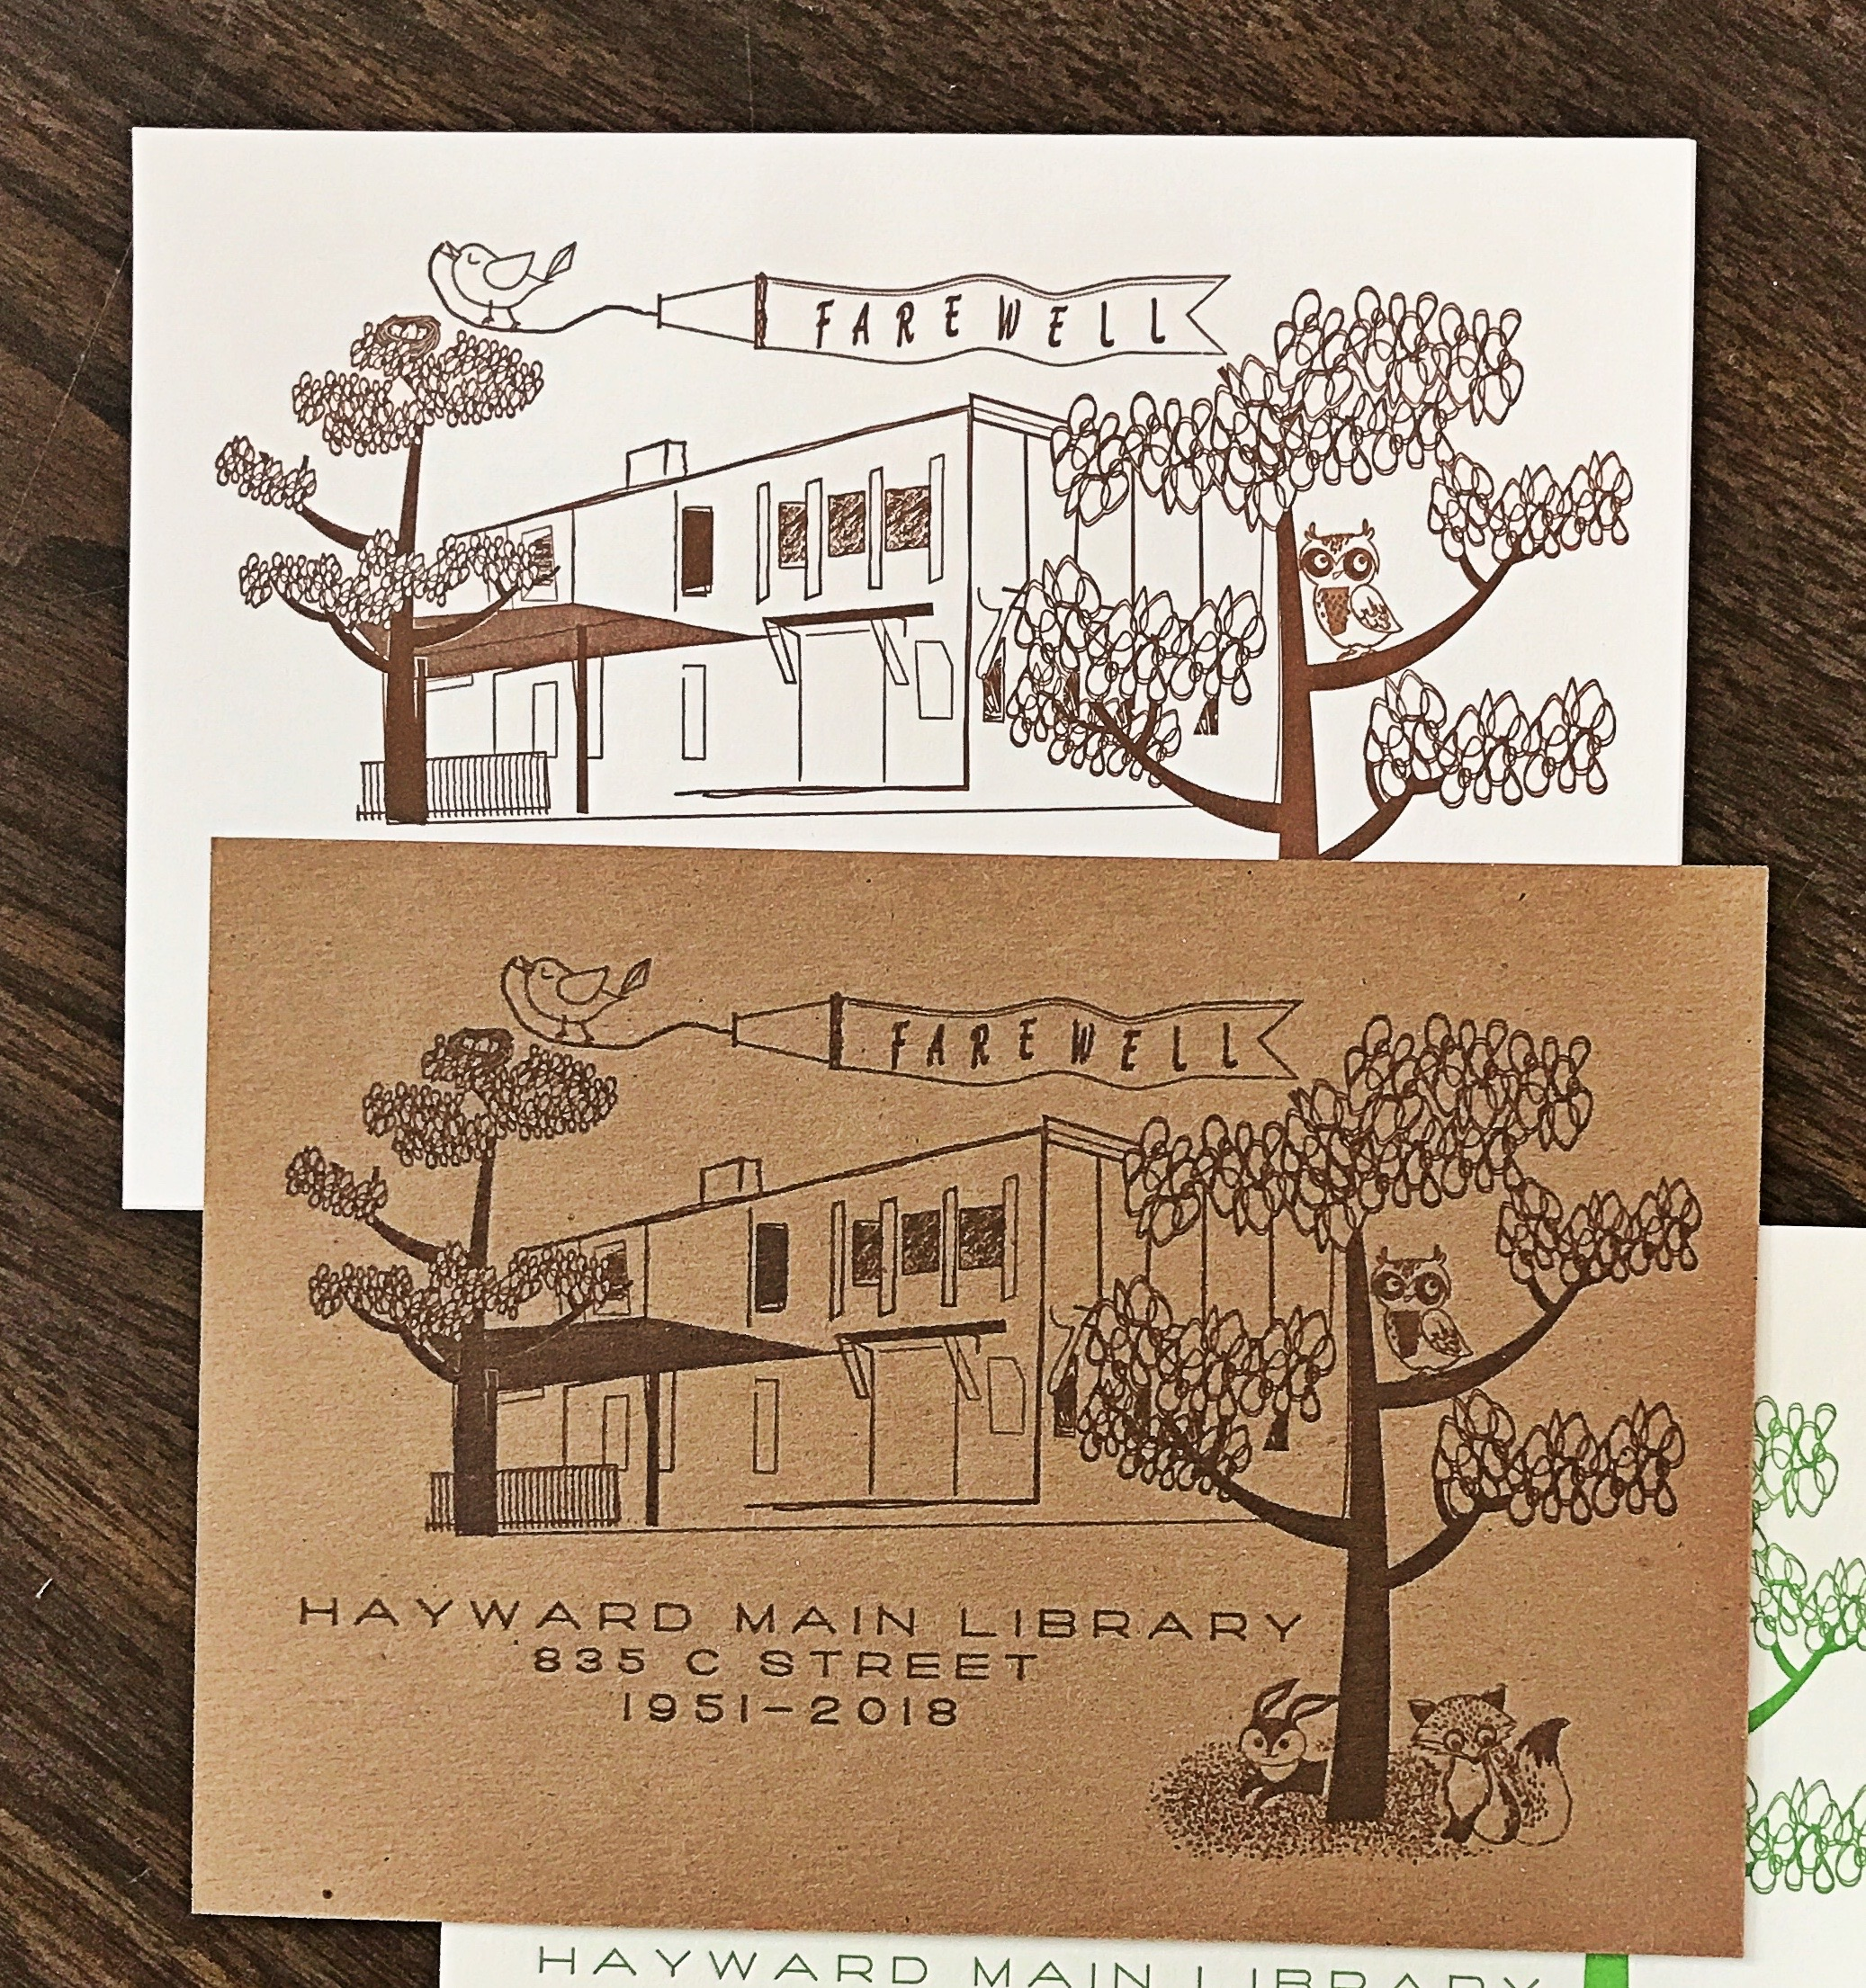 hayward library postcard.jpeg